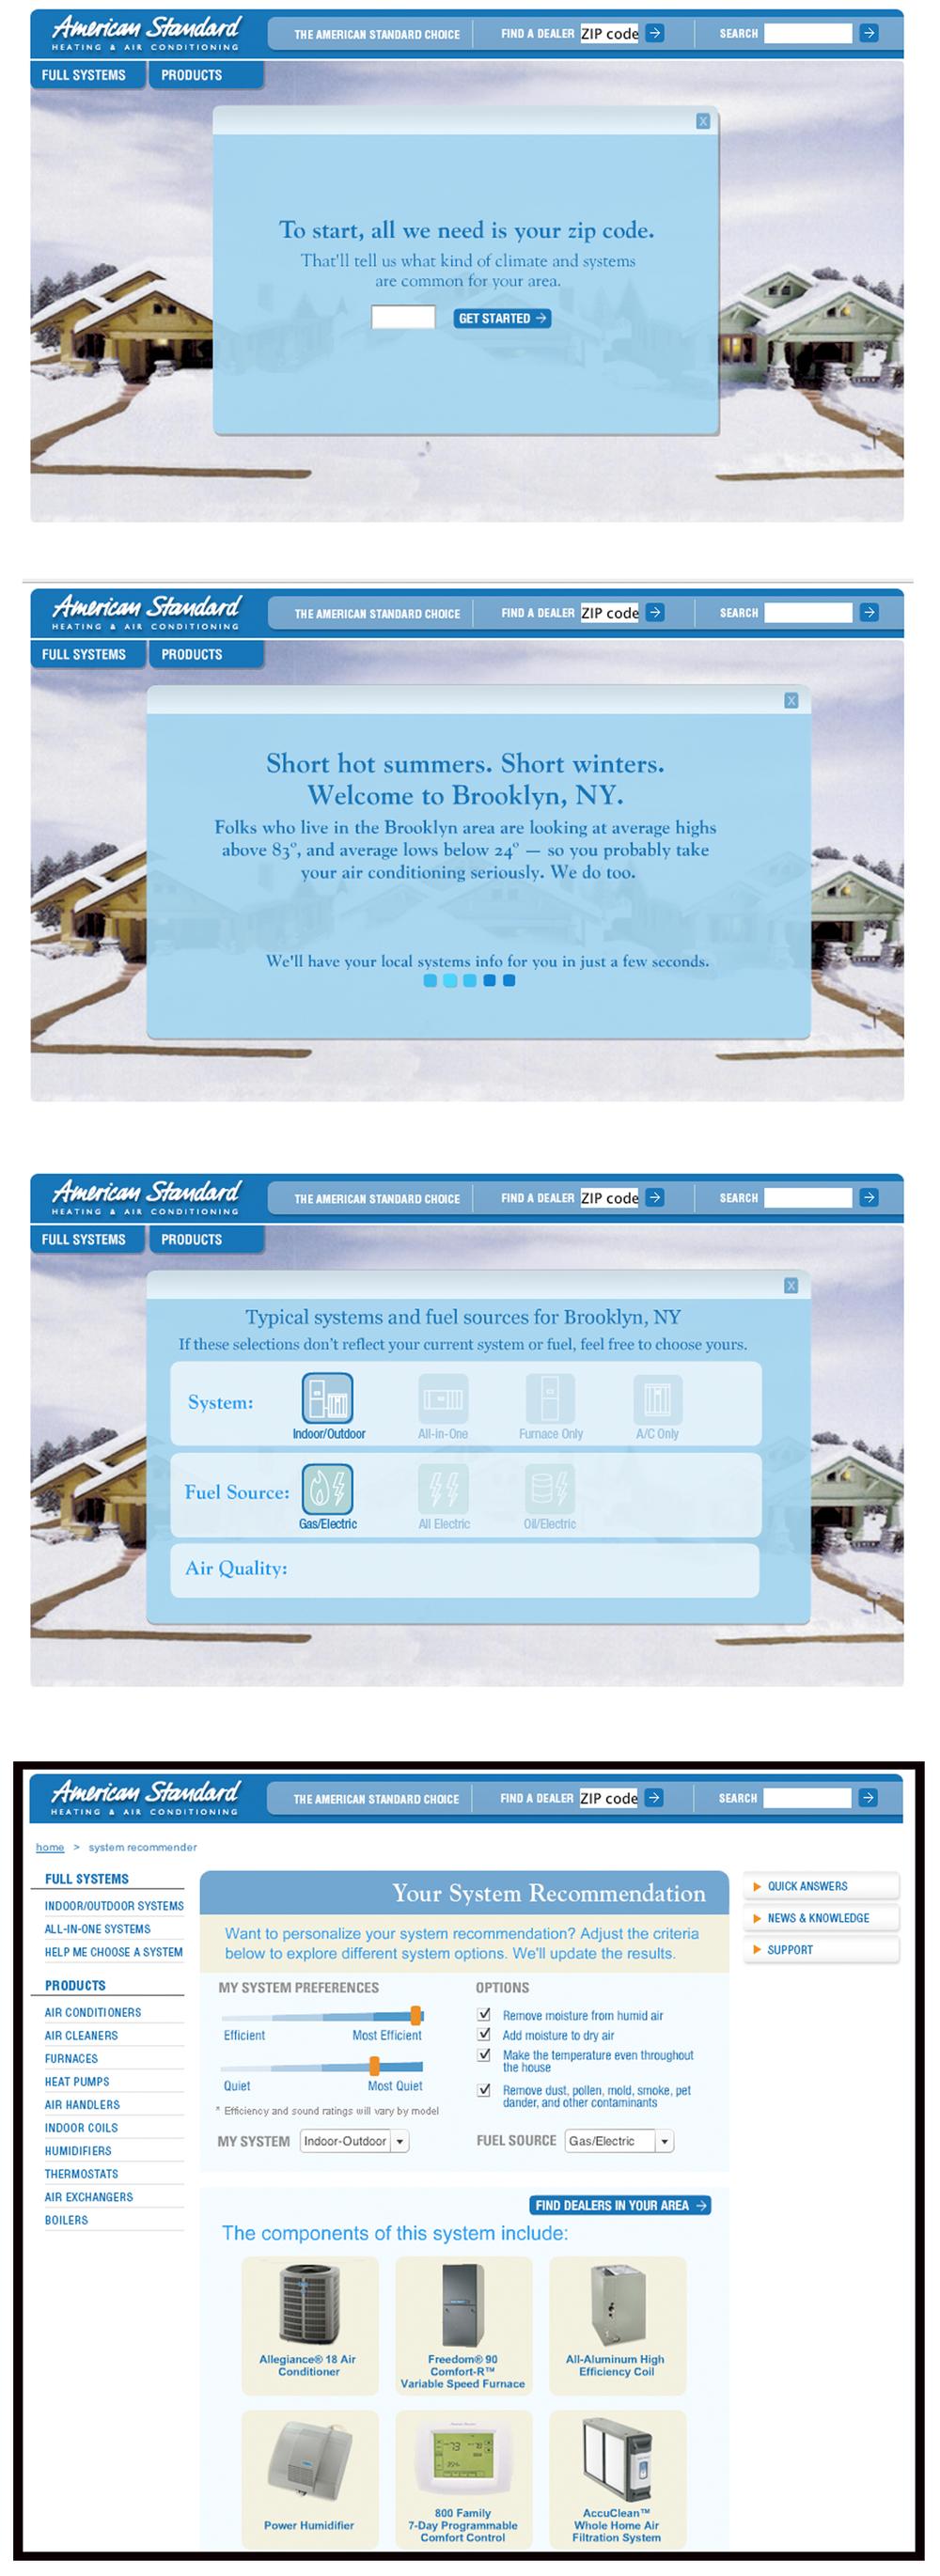 American Standard Air Web Site — Idea Czar